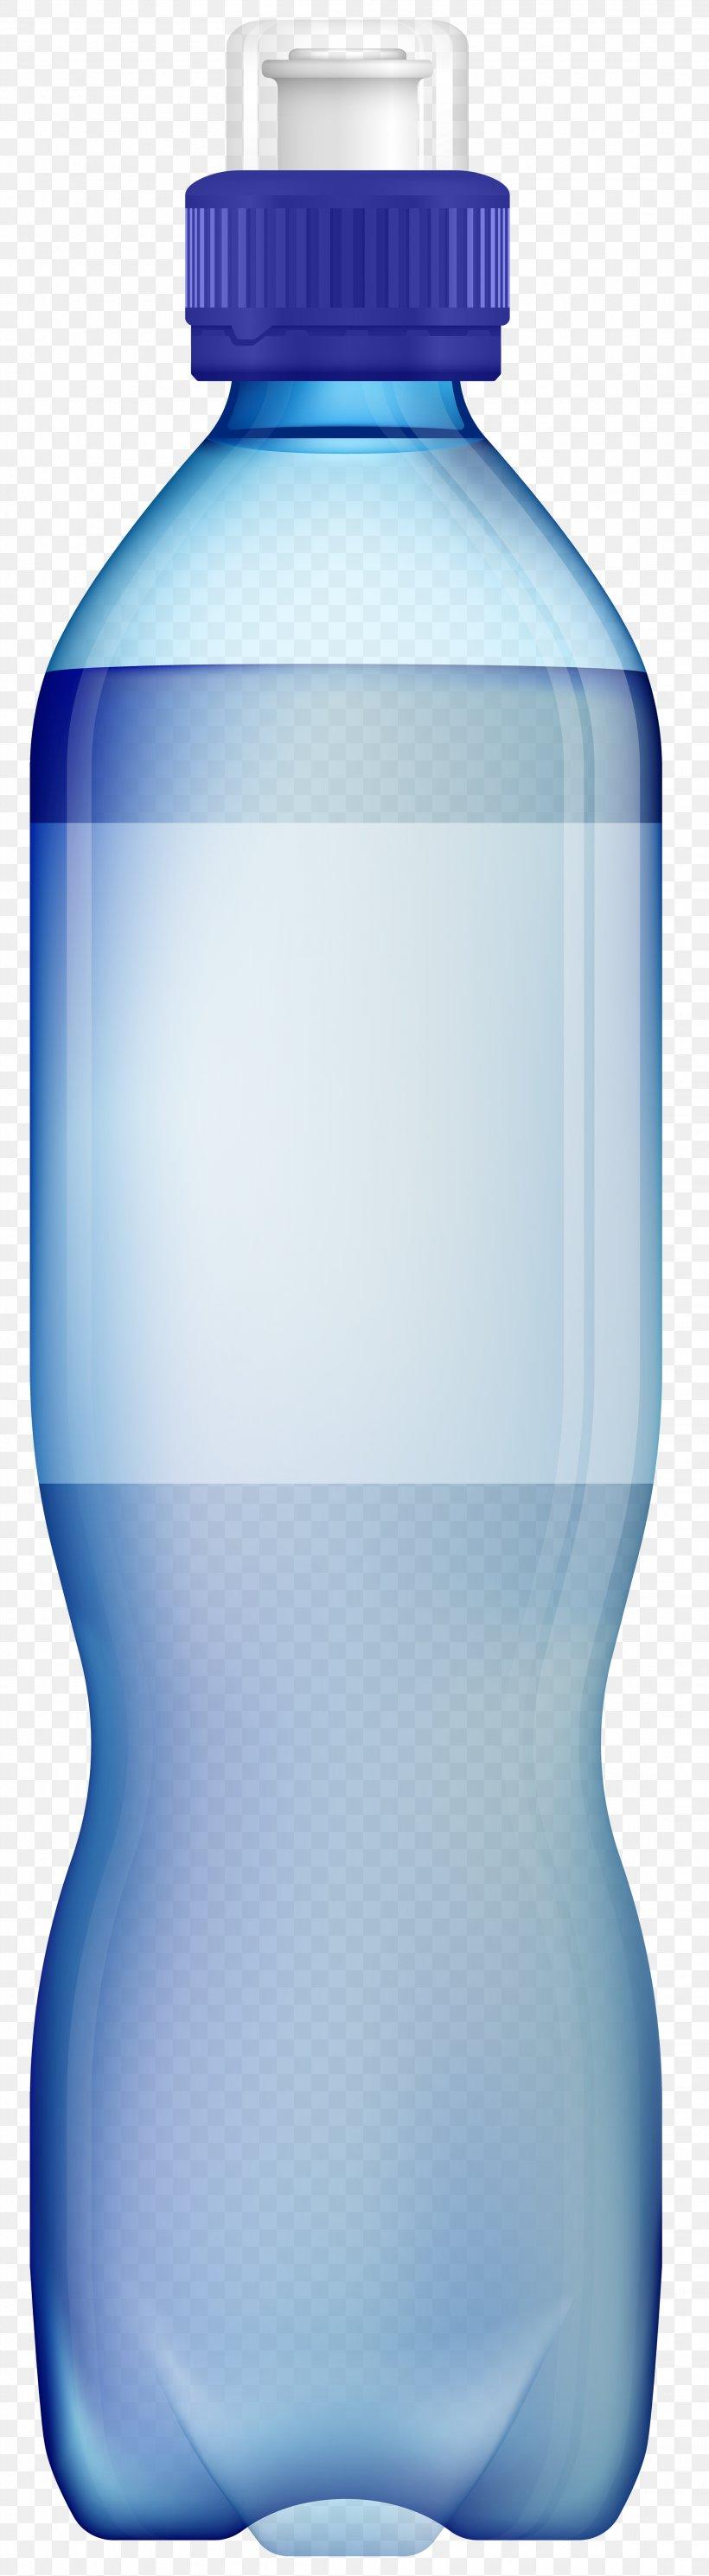 Water Bottle Clip Art, PNG, 2200x8000px, Water Bottle, Bottle, Drinkware, Glass Bottle, Liquid Download Free